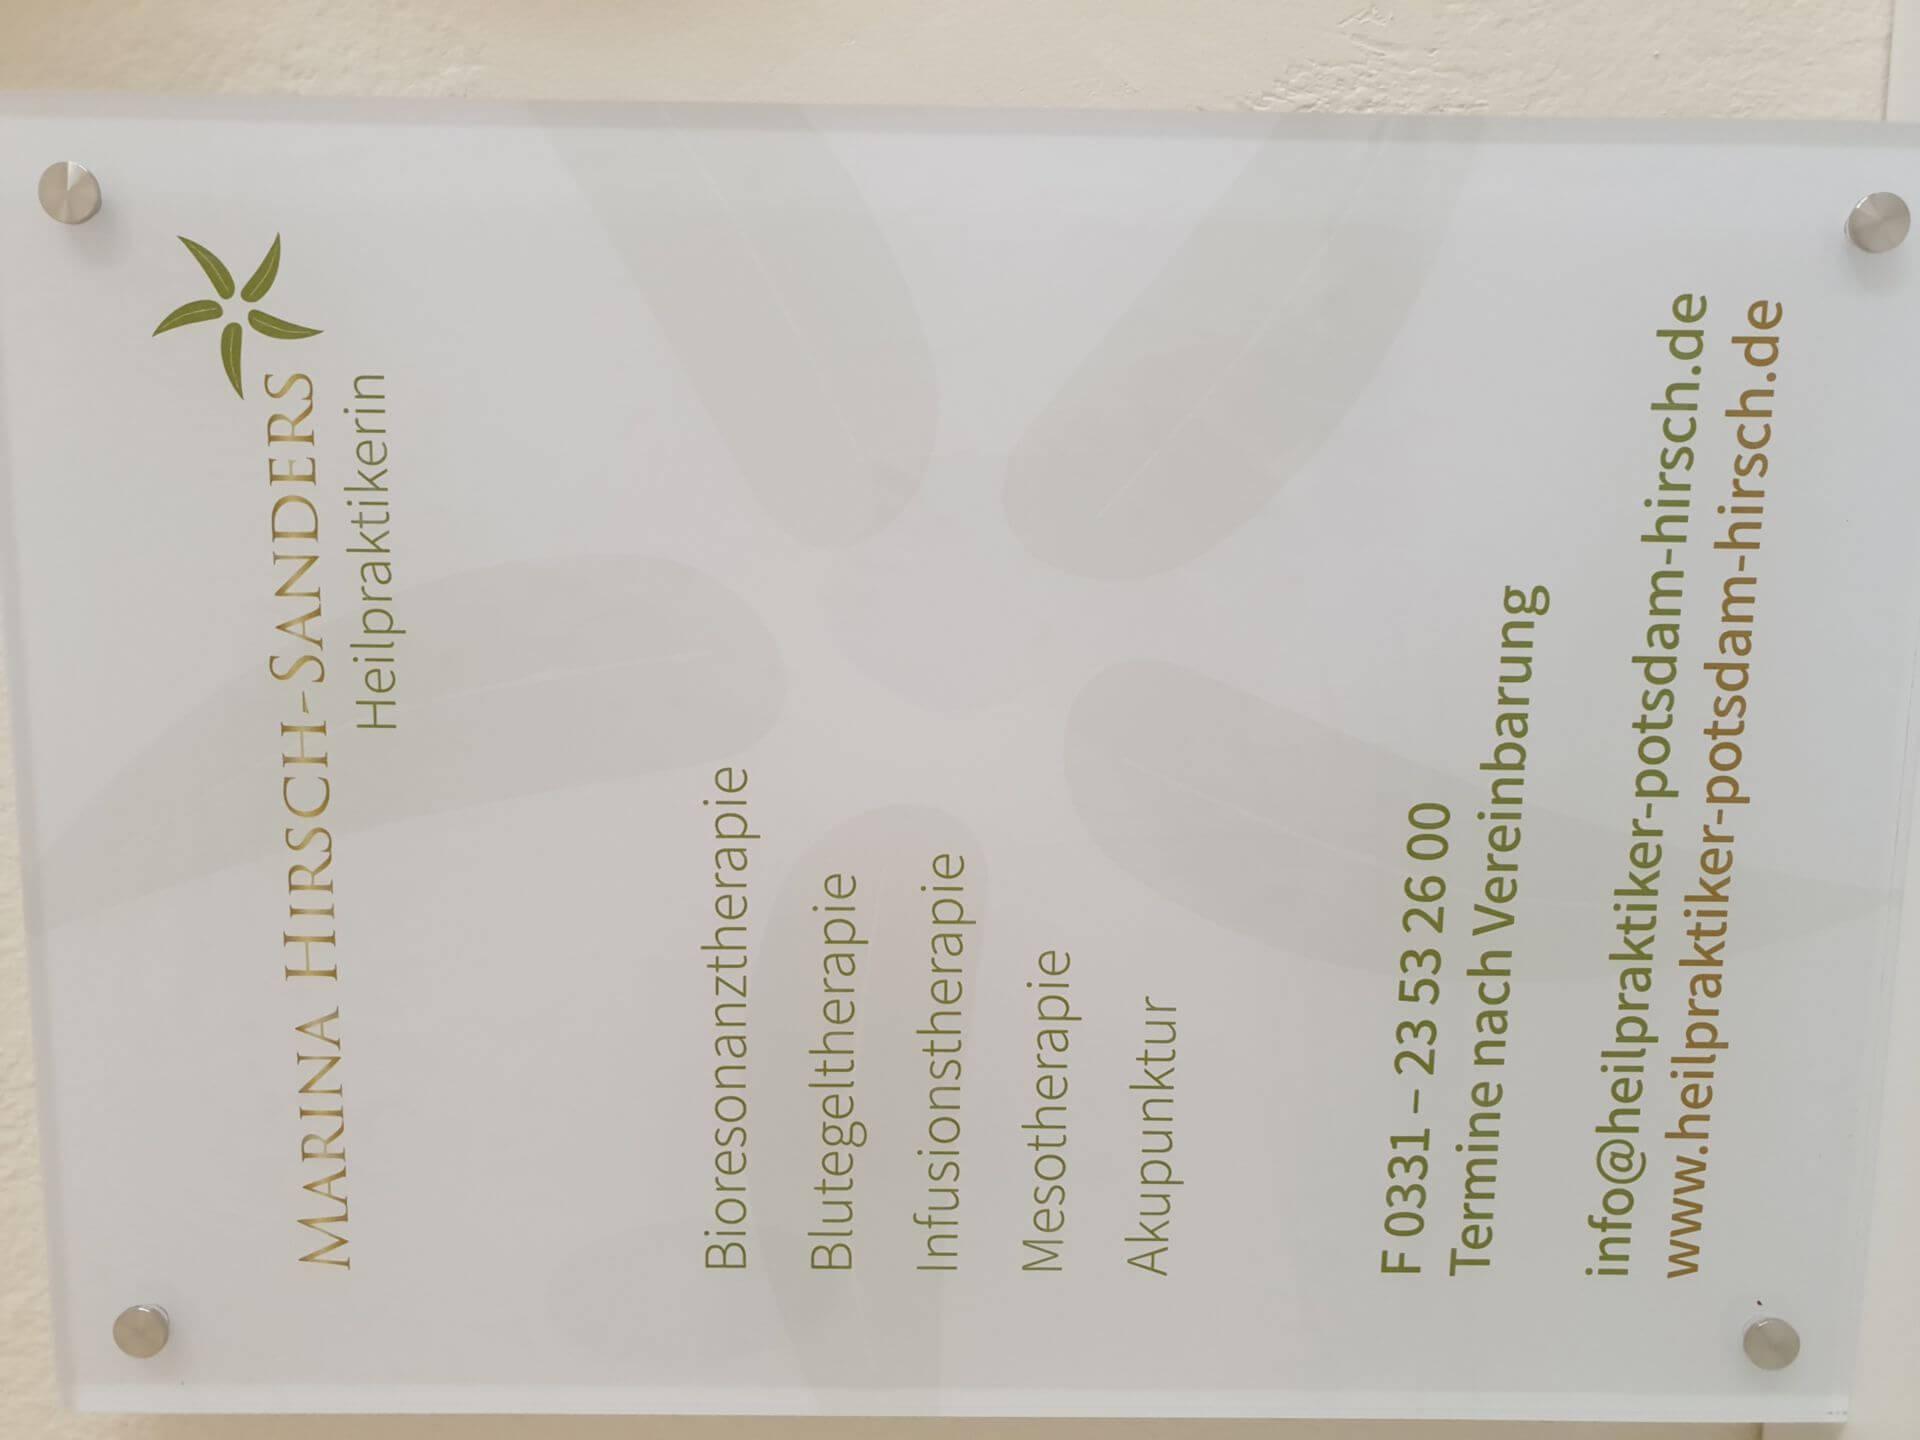 Akupunktur gegen Streß in Potsdam / Wannsee / Zehlendorf bei Heilpraktiker Potsdam / Wannsee